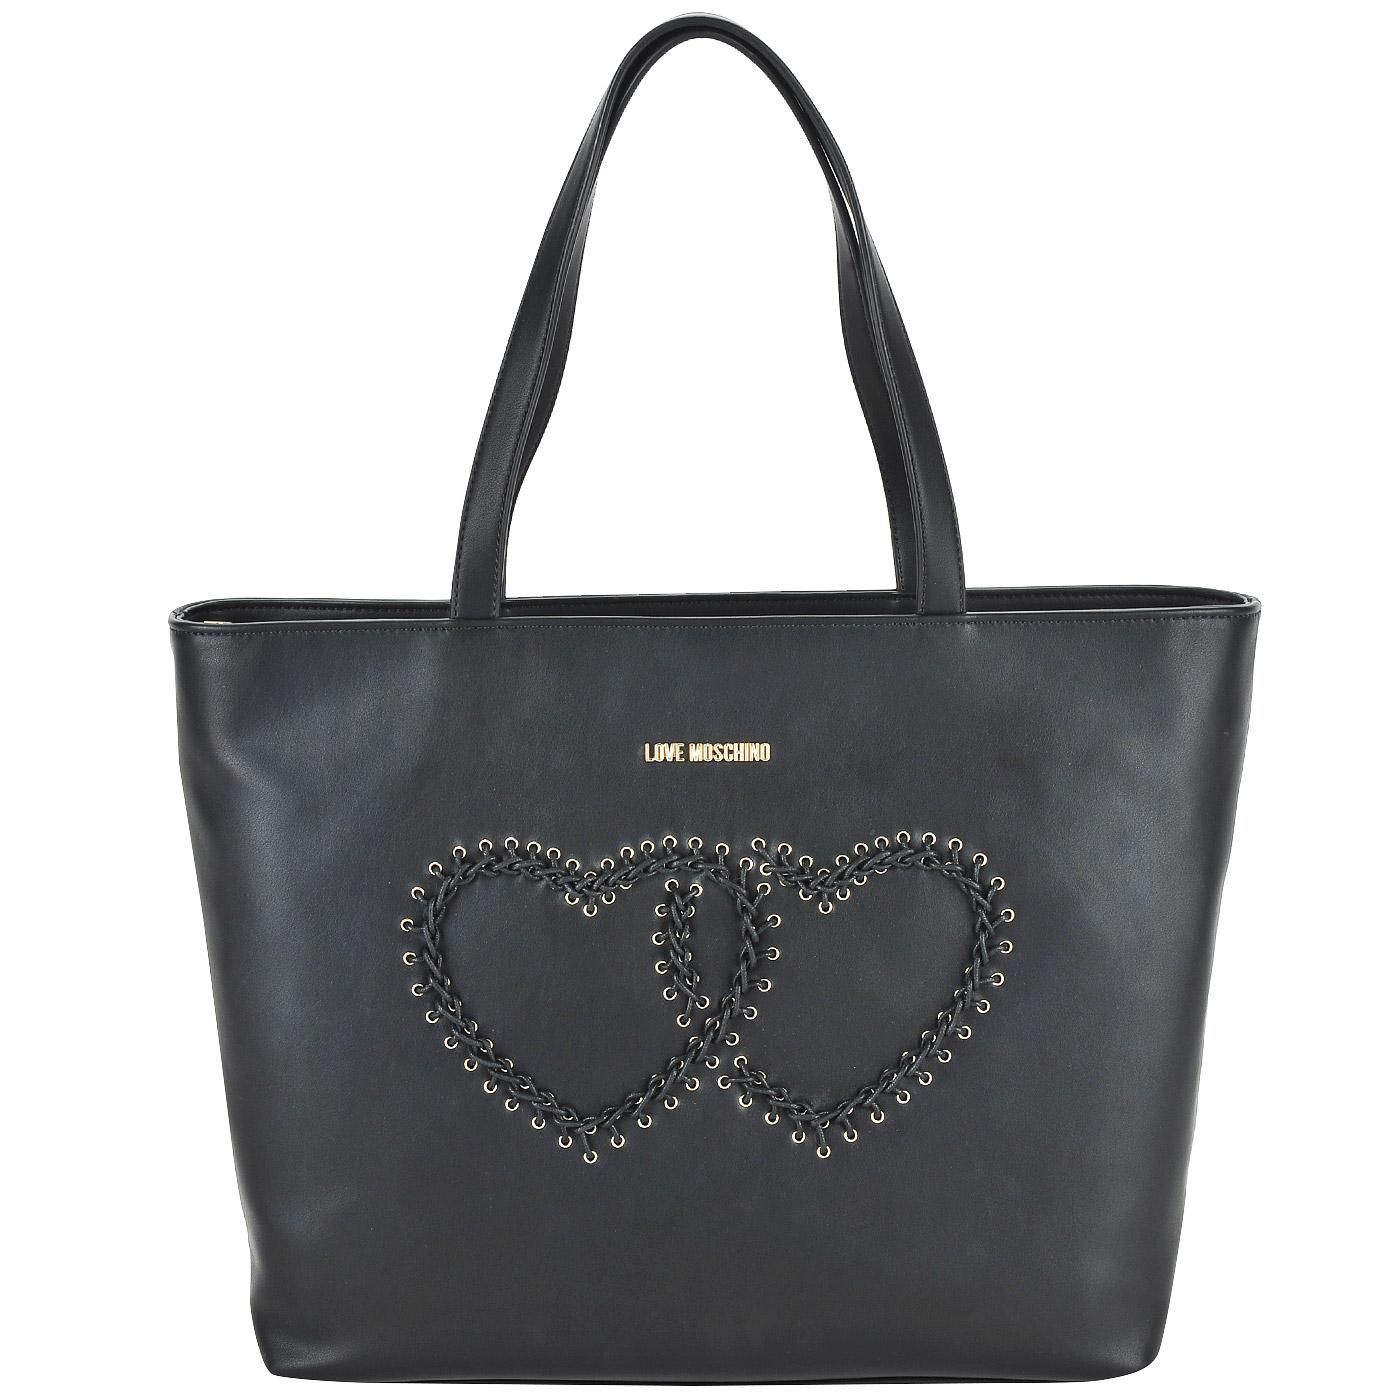 899912890491 Вместительная женская сумка черного цвета Love Moschino Stitching bag